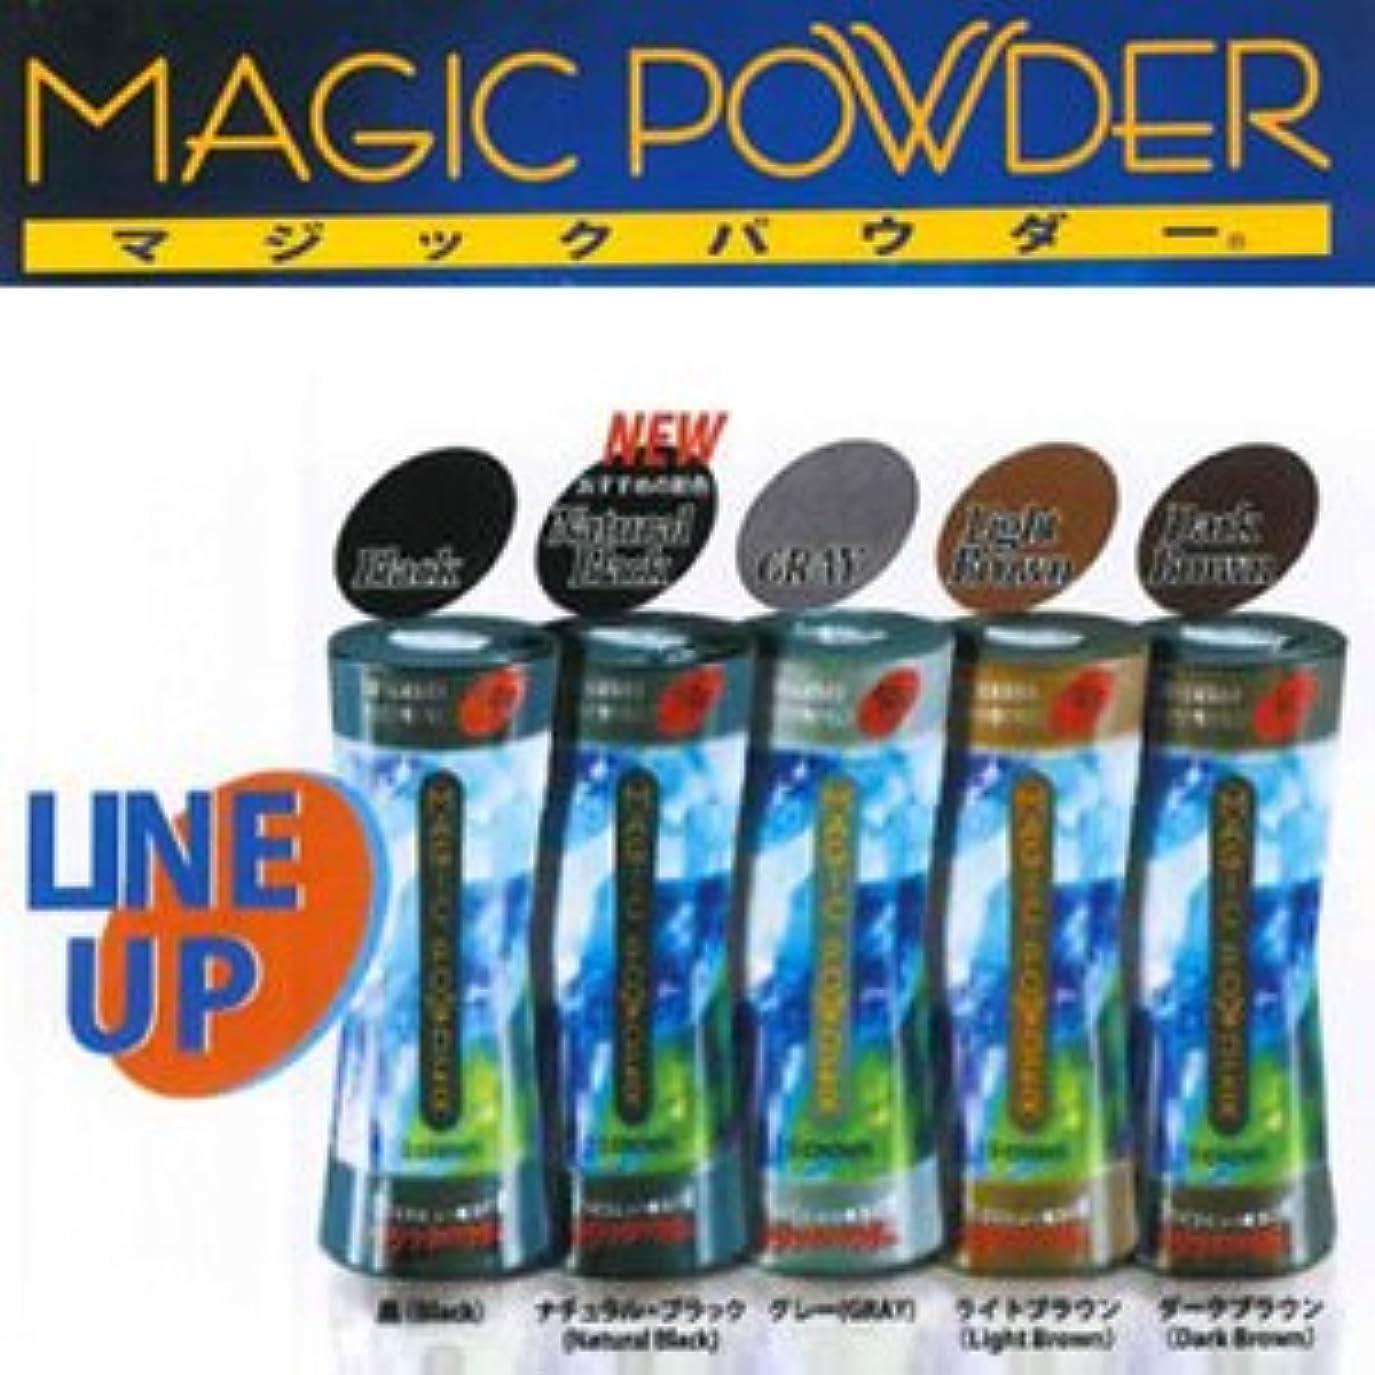 開始浴邪悪なMAGIC POWDER マジックパウダー ナチュラル?ブラック 50g 2個セット ※貴方の髪を簡単ボリュームアップ!